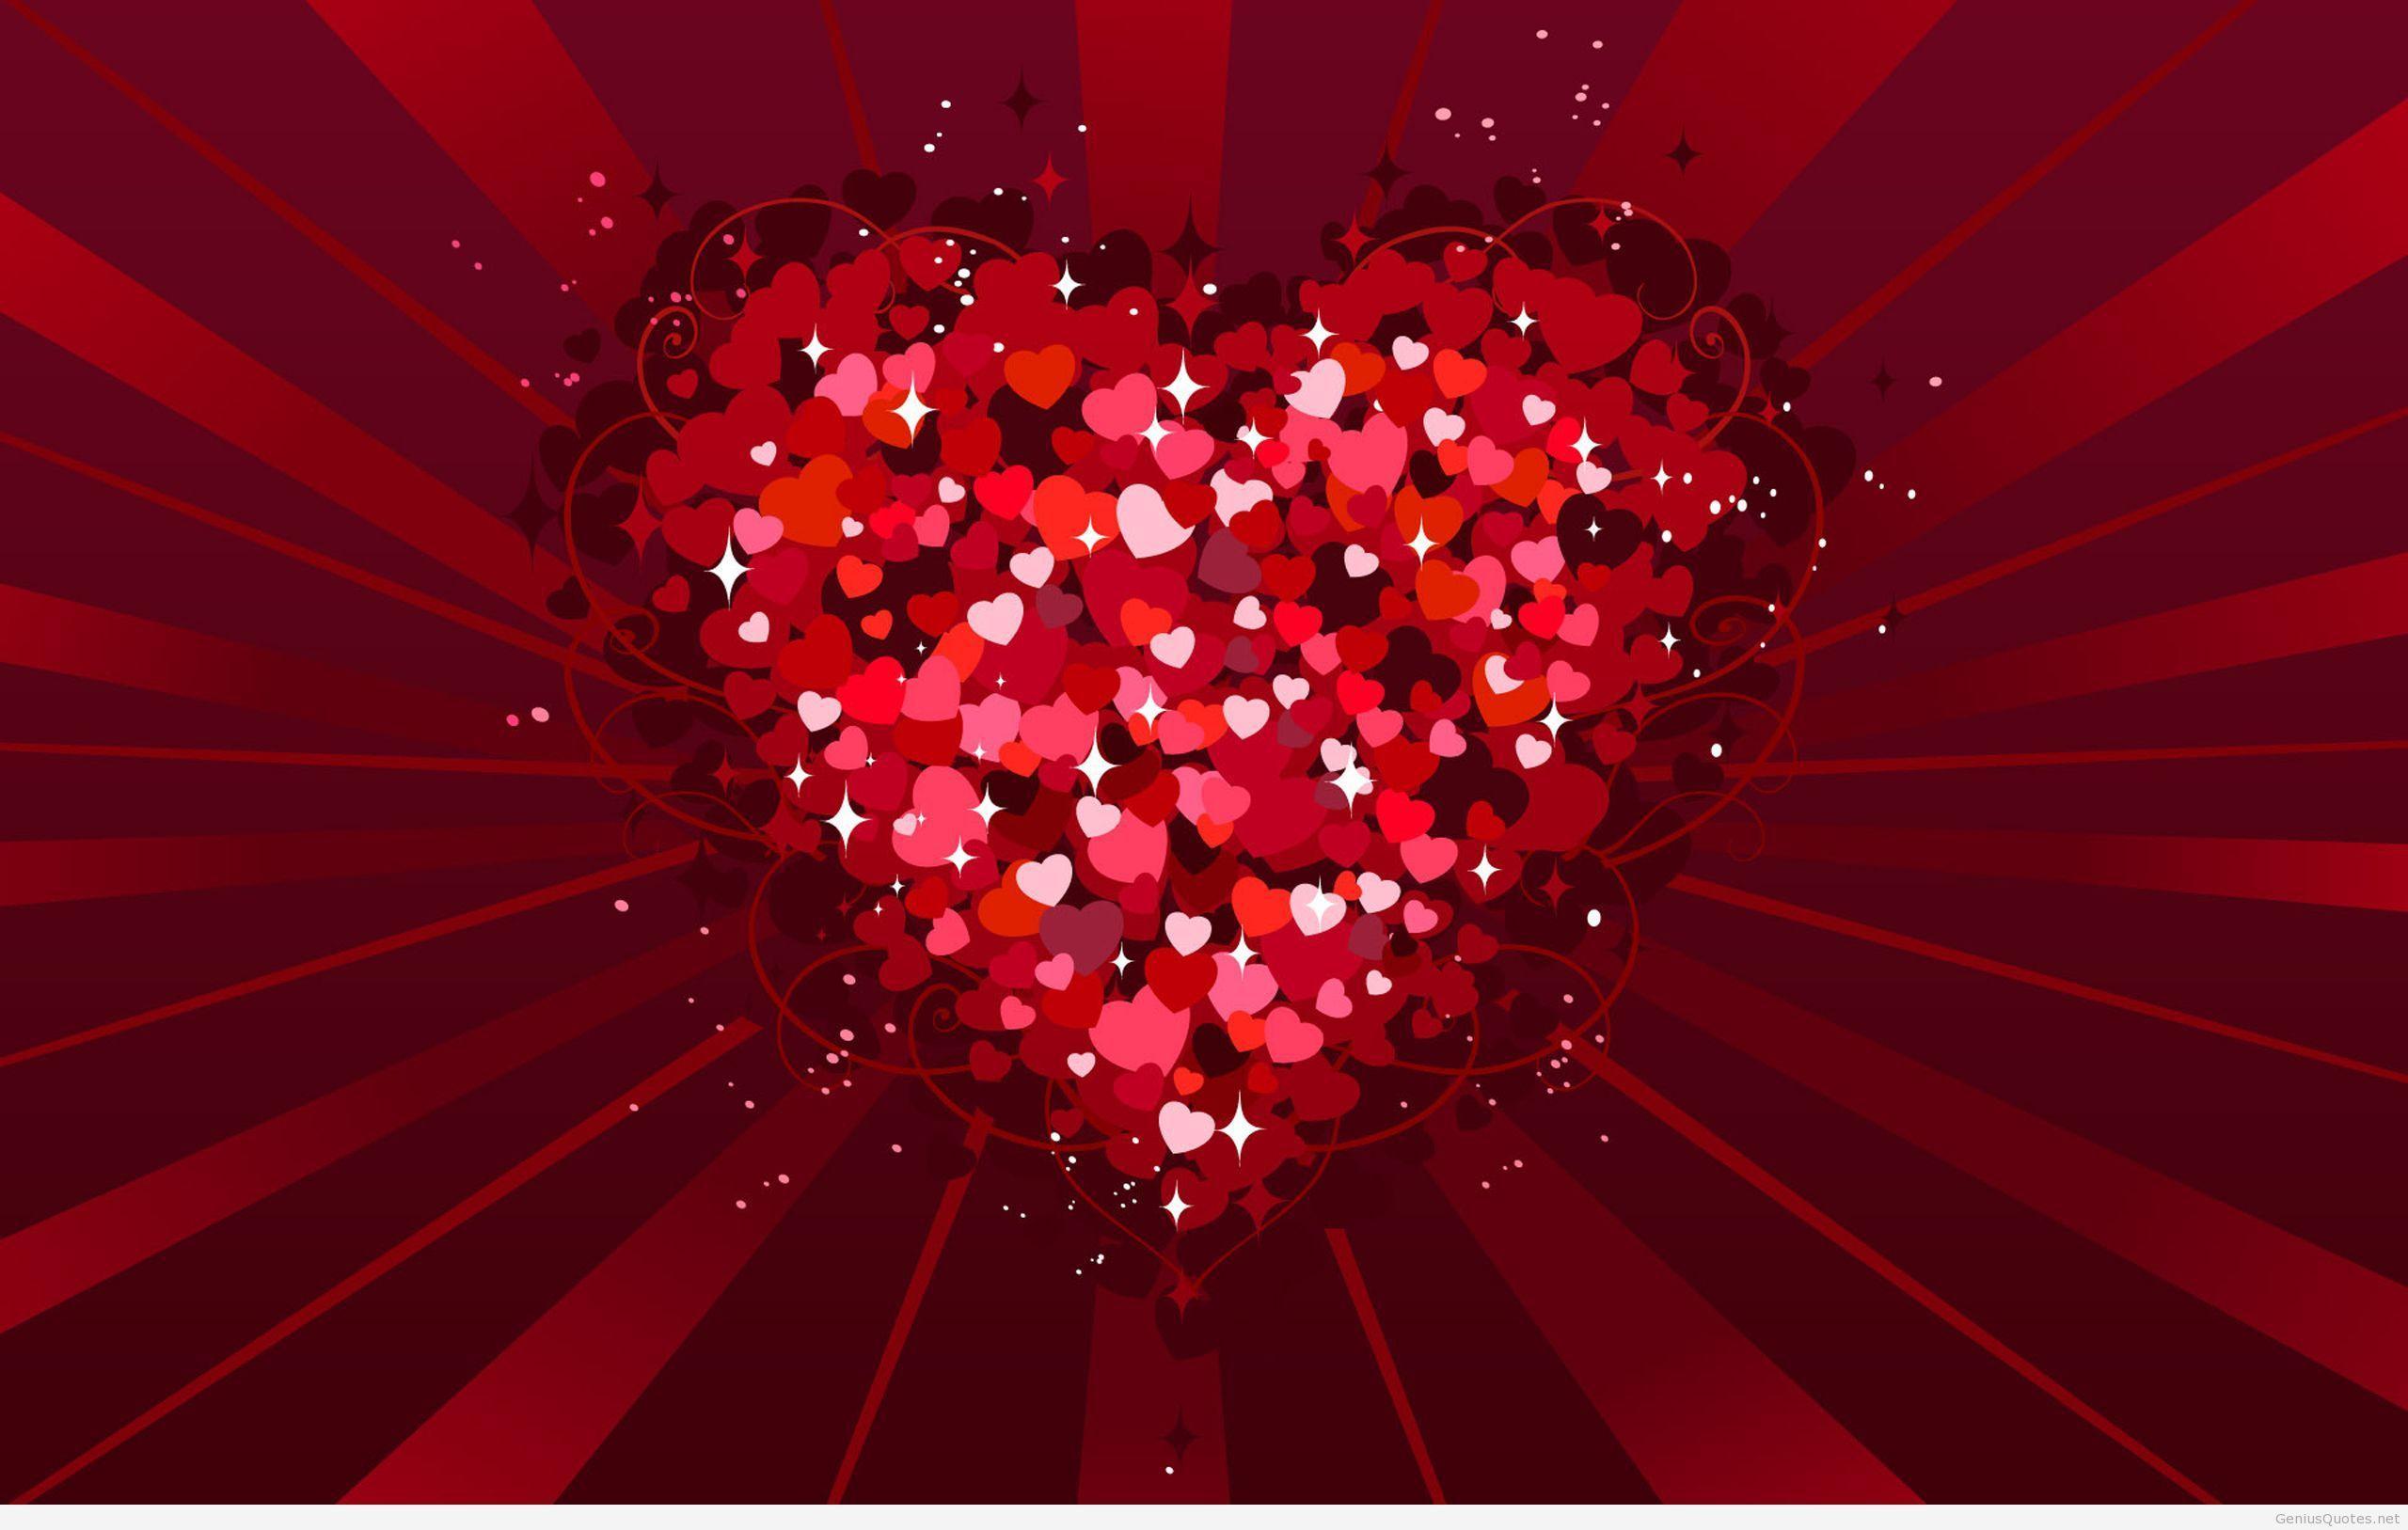 2560x1627 cute valentines HD wallpaper